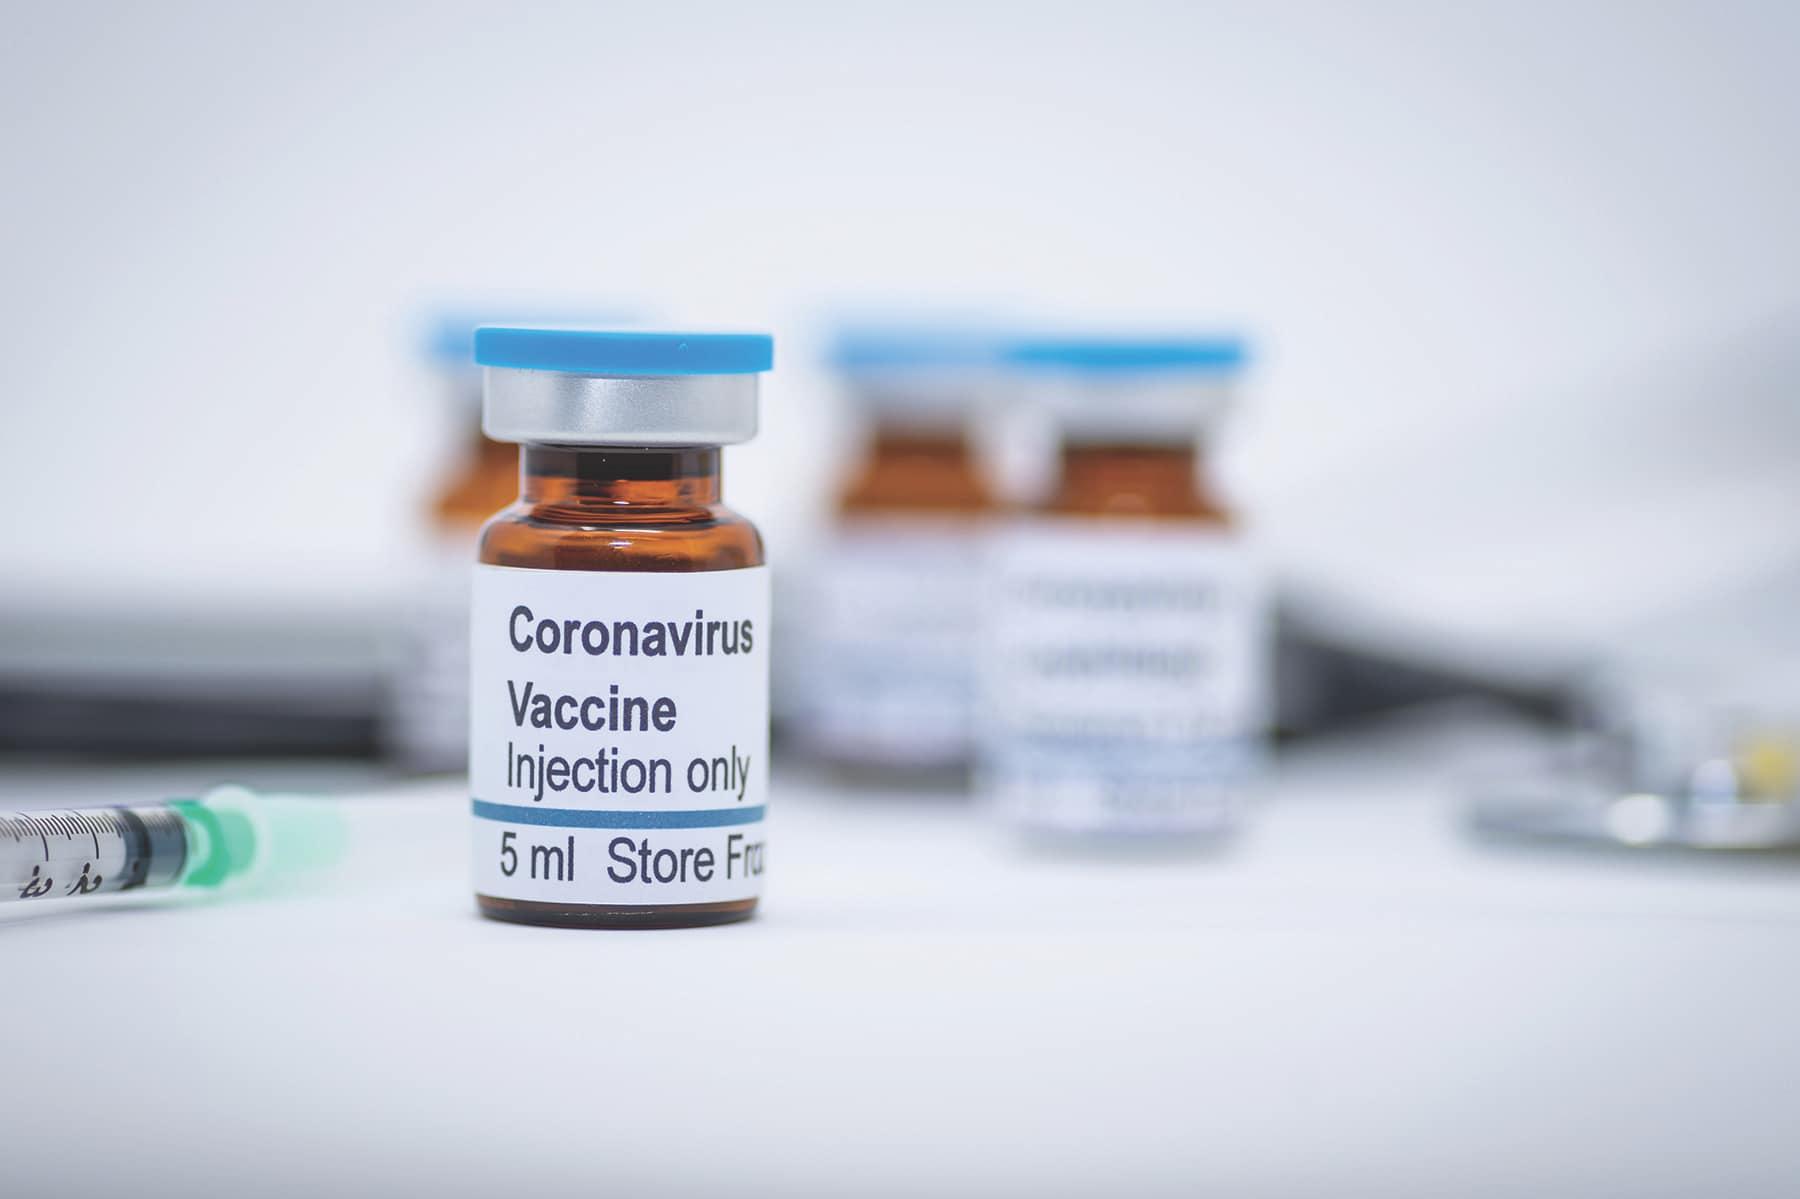 Notizione: arriva il primo vaccino anti-Covid19 e, guarda caso, è made in China